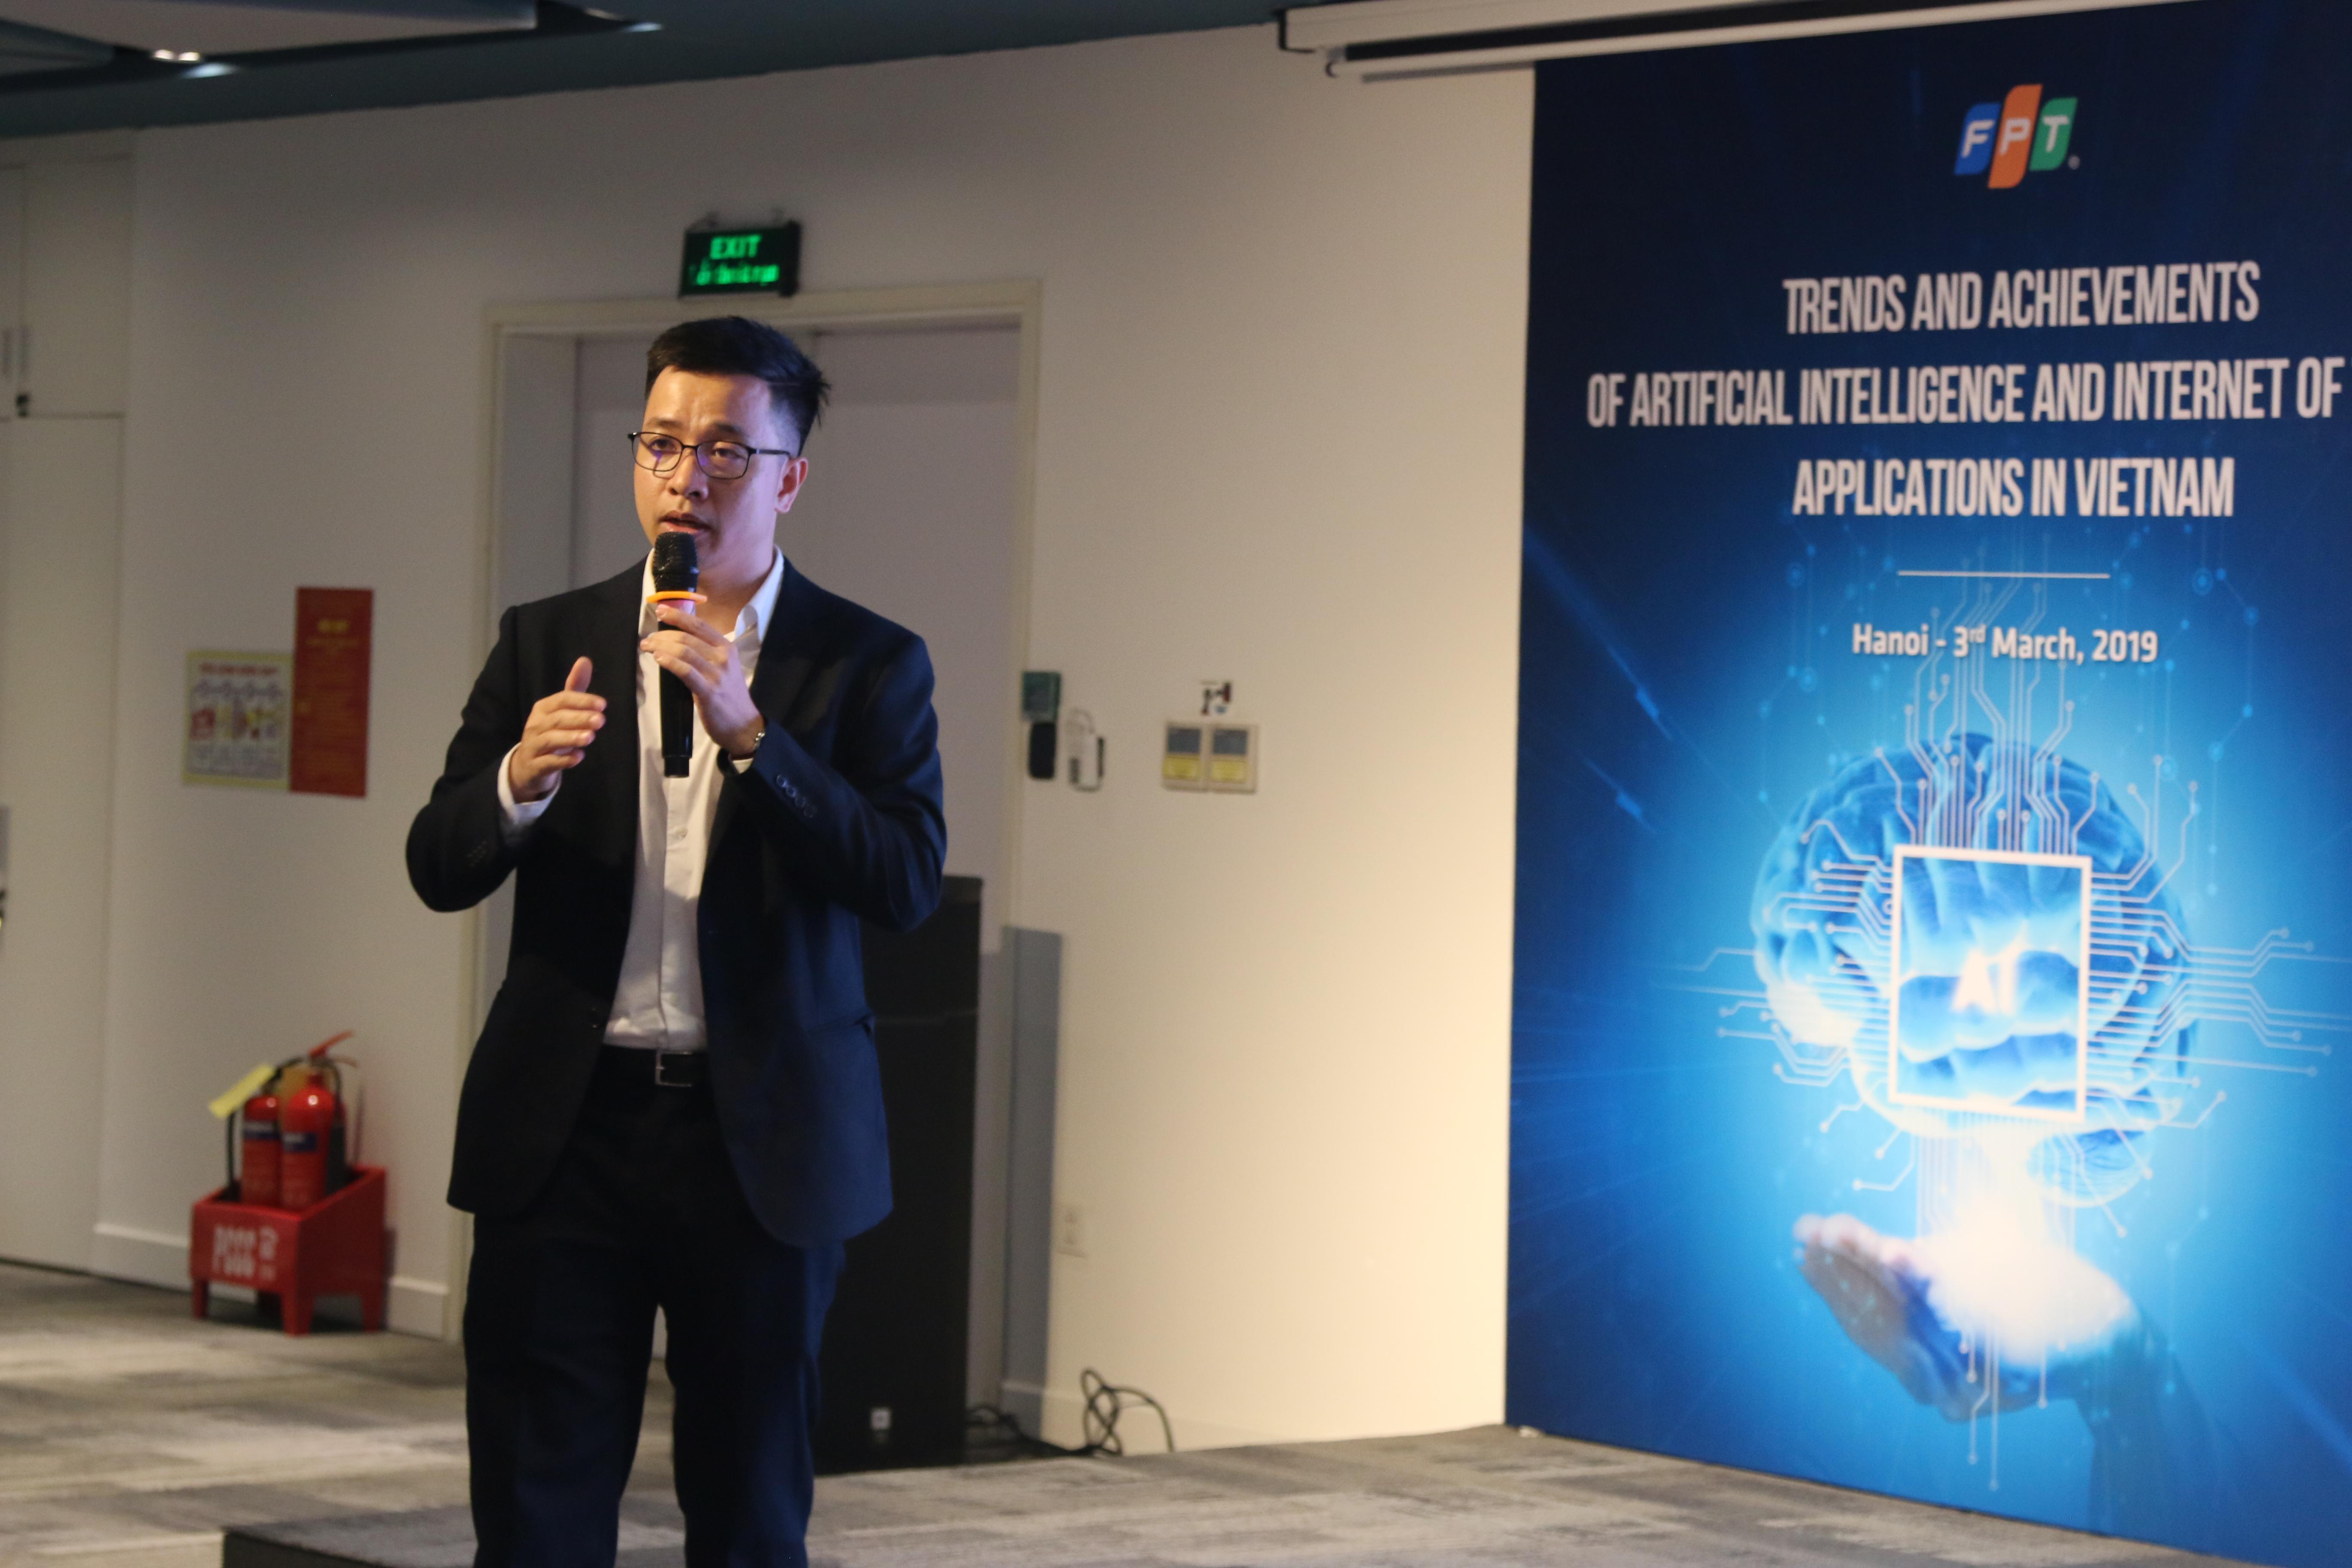 TS. Cao Vũ Dũng, Quản lý và Kỹ sư AI, Skydisc Inc., Nhật Bản chia sẻ về những thành tựu mà AI mang lại trong cuộc sống như: Nhận diện ảnh (Image Classification);Nhận diện giọng nói; Nhận diện khuôn mặt;Phát hiện ung thư; Xử lý ngôn ngữ tự nhiên.TS. Dũng cho biết Nhật Bản muốn xây một Super smart society (Xã hội đầu tiên 5.0 dẫn đầu thế giới). Tuy nhiên cũng có rất nhiều thách thức đối với họ như:Thiếu lực lượng IT: họ cần 550.000 kỹ sư CNTT vào năm 2030. Đây là cơ hội cho các công ty IT nước ngoài, trong đó có Việt Nam. VIệt nam đang có lợi thế lớn trong cung cấp nhân lực về AI. Nhật Bản đặt mục tiêu đào tạo 250.000 chuyên gia AI /năm. Mục tiêu chính của Nhật Bản là ứng dụng AI trong y tế, sản xuất và nền tảng di động.